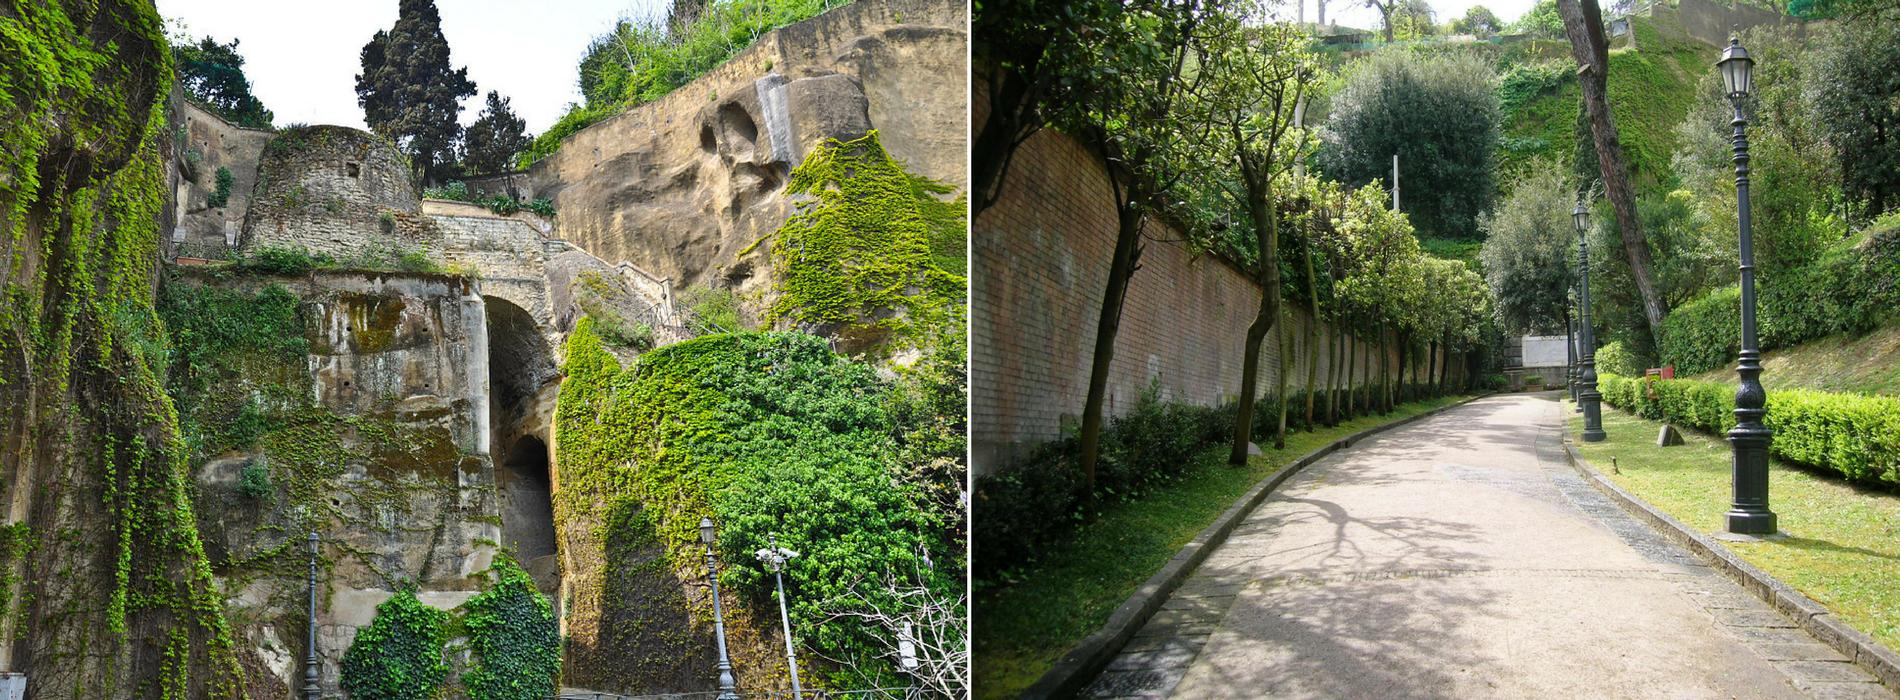 Tour alla scoperta del Parco Vergiliano e della Tomba di Virgilio